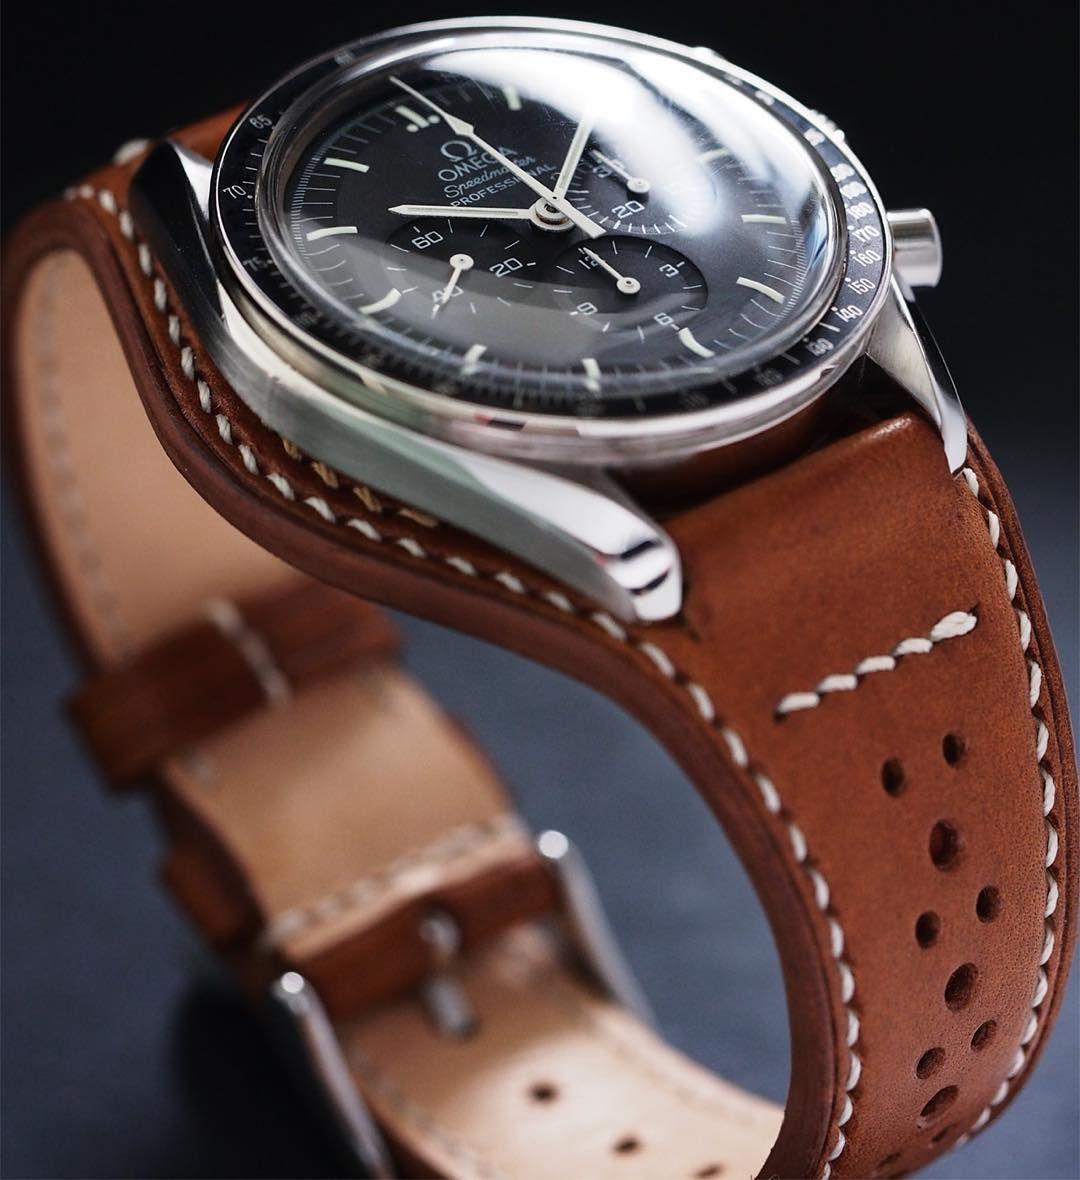 Full Bund Watch Strap 019 Leather Watch Cuff Watch Strap Men Leather Watch Bands